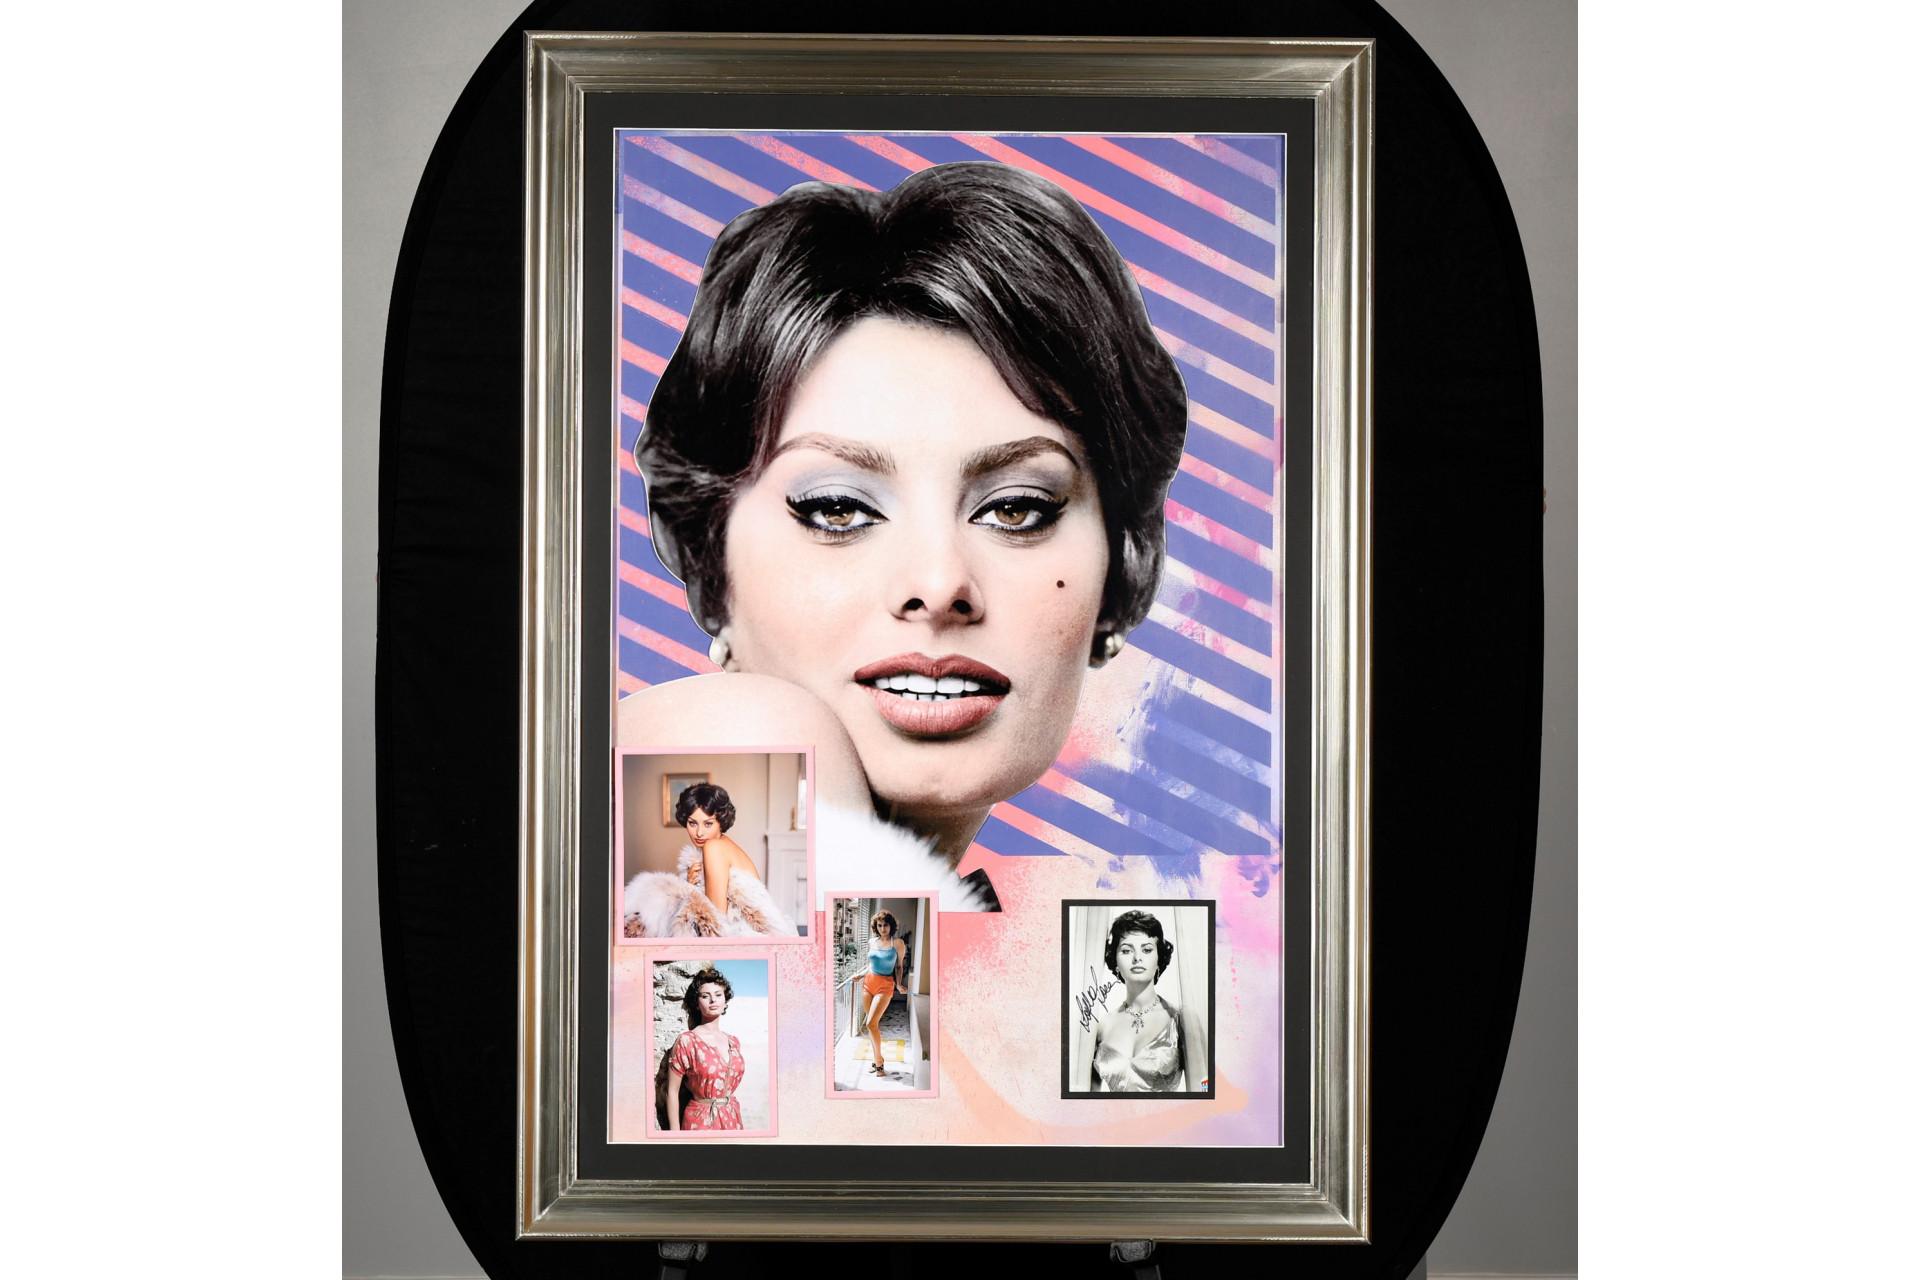 Framed Art Memorabilia Presentation with Original Sofia Loren Signed Photograph